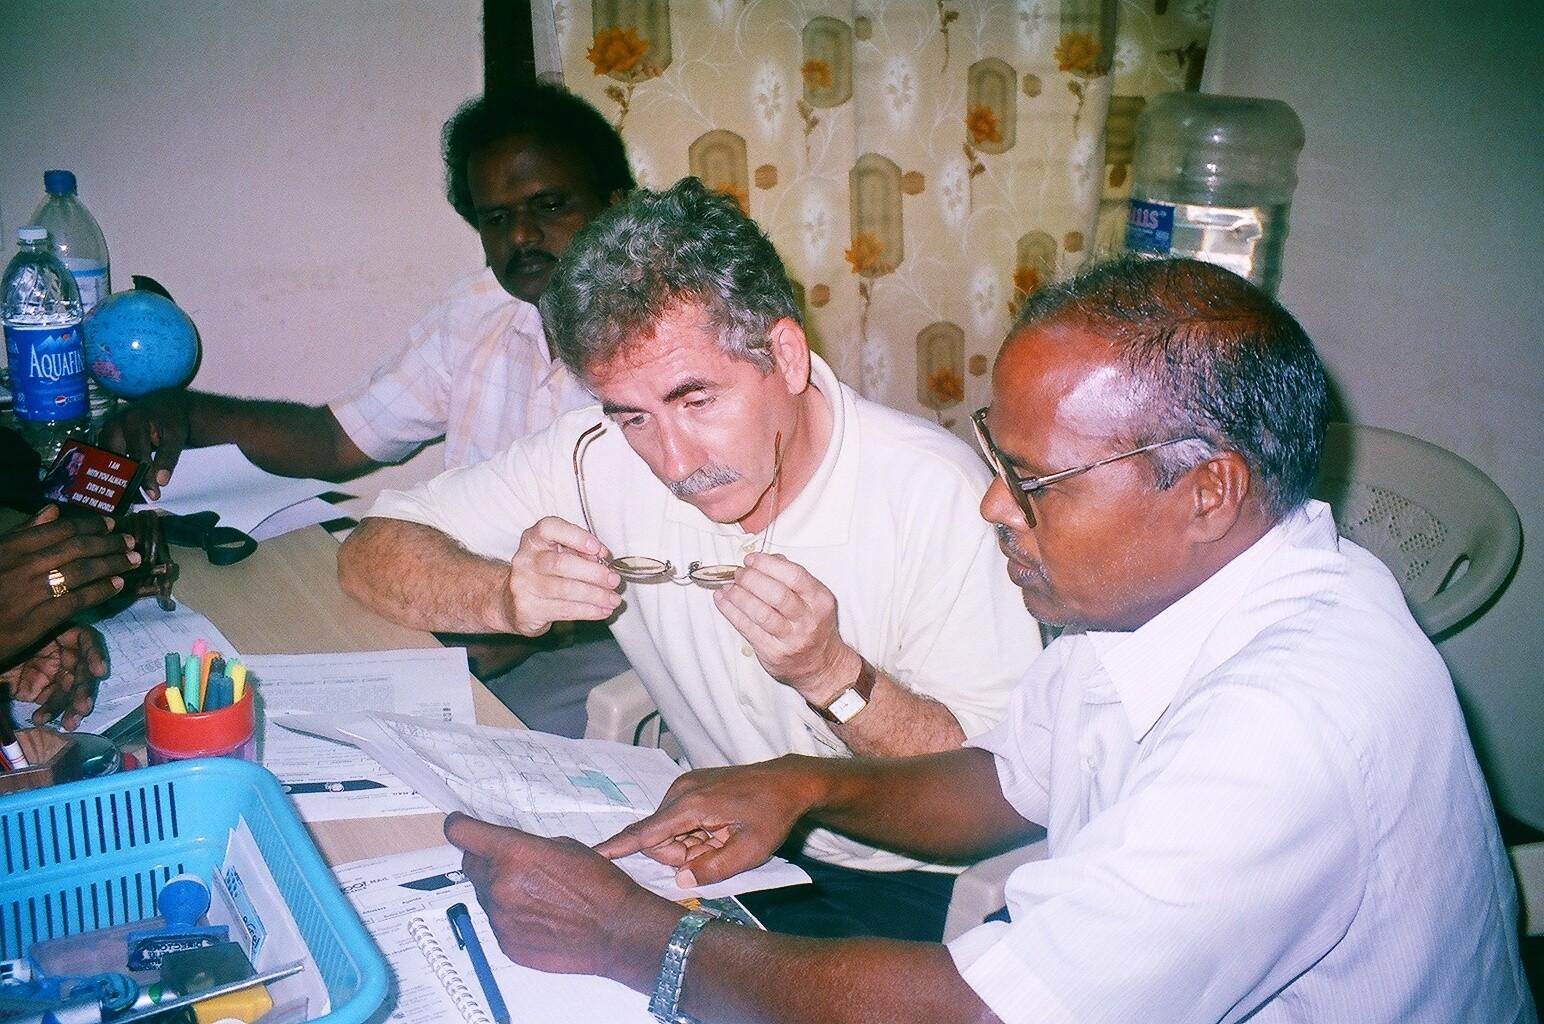 Décembre 2005 - Etude par un ingénieur agronome d'un terrain à acheter pour reloger la population